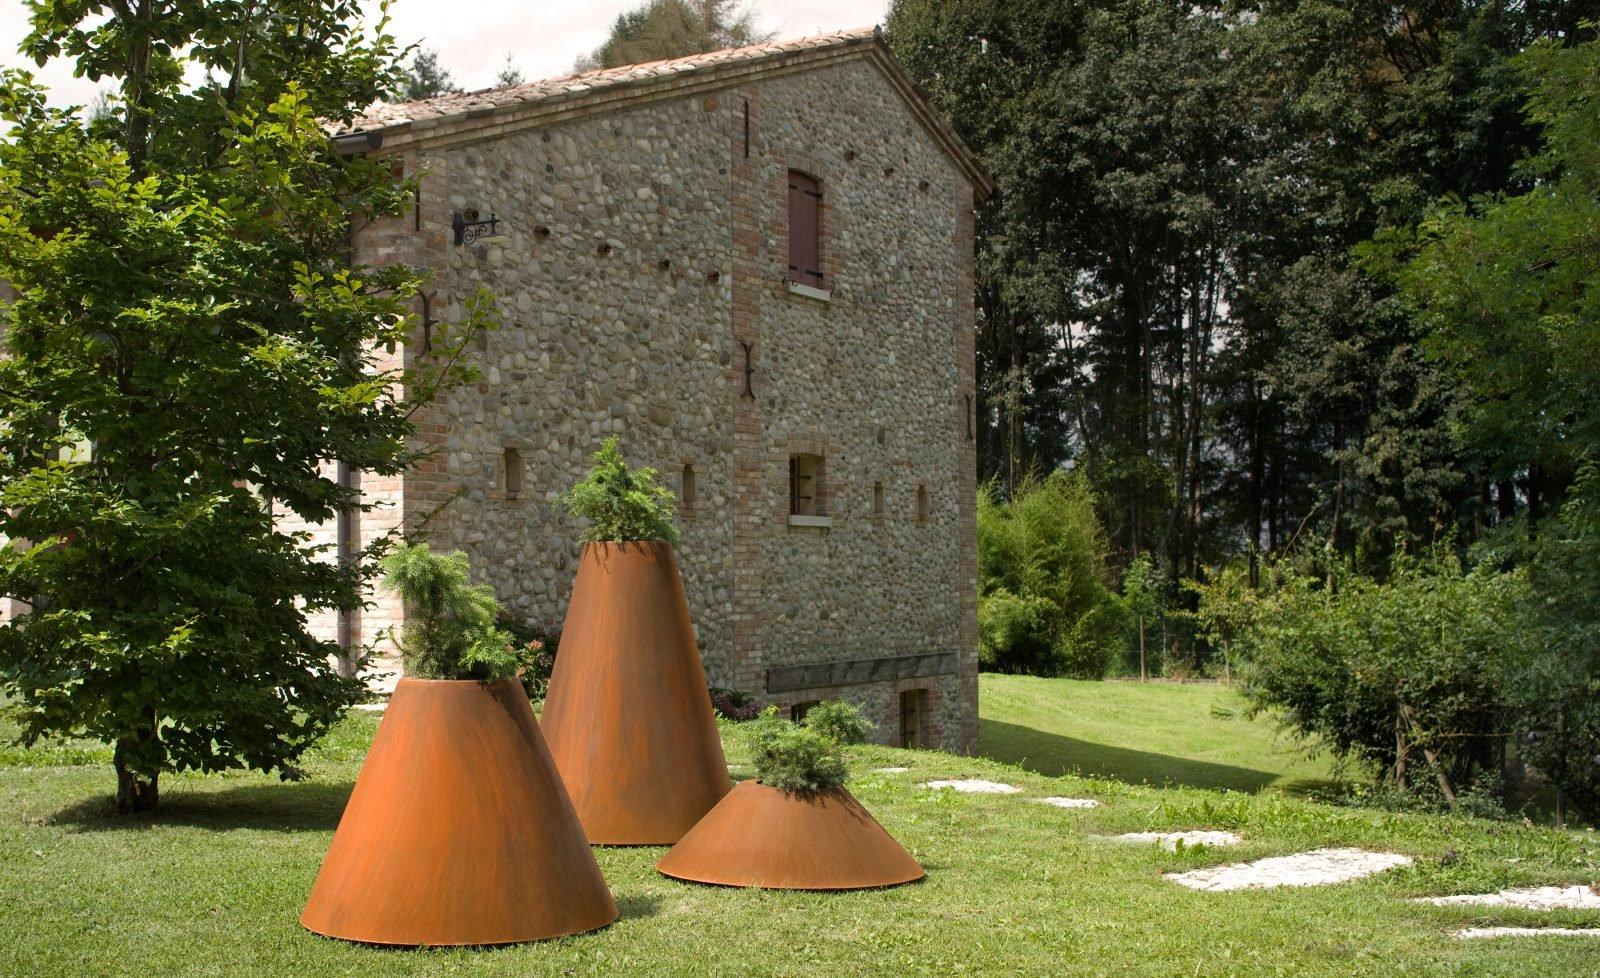 Conique Pot  from De Castelli, designed by Filippo Pisan